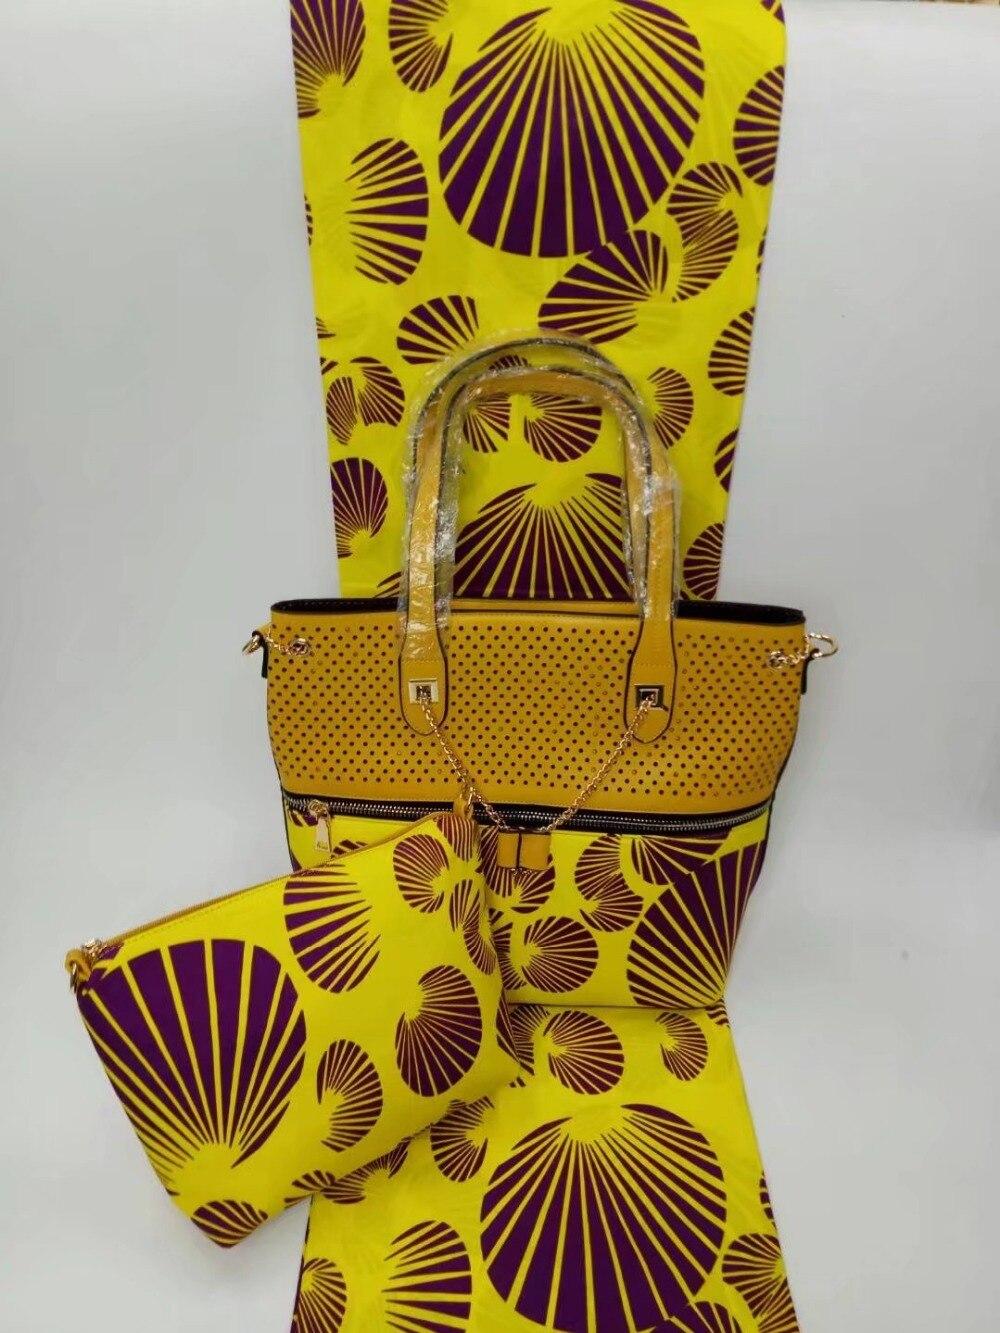 Ensemblesréel Hollandais Tissu Nouveau Sac Design Cire g7mbfyY6Iv